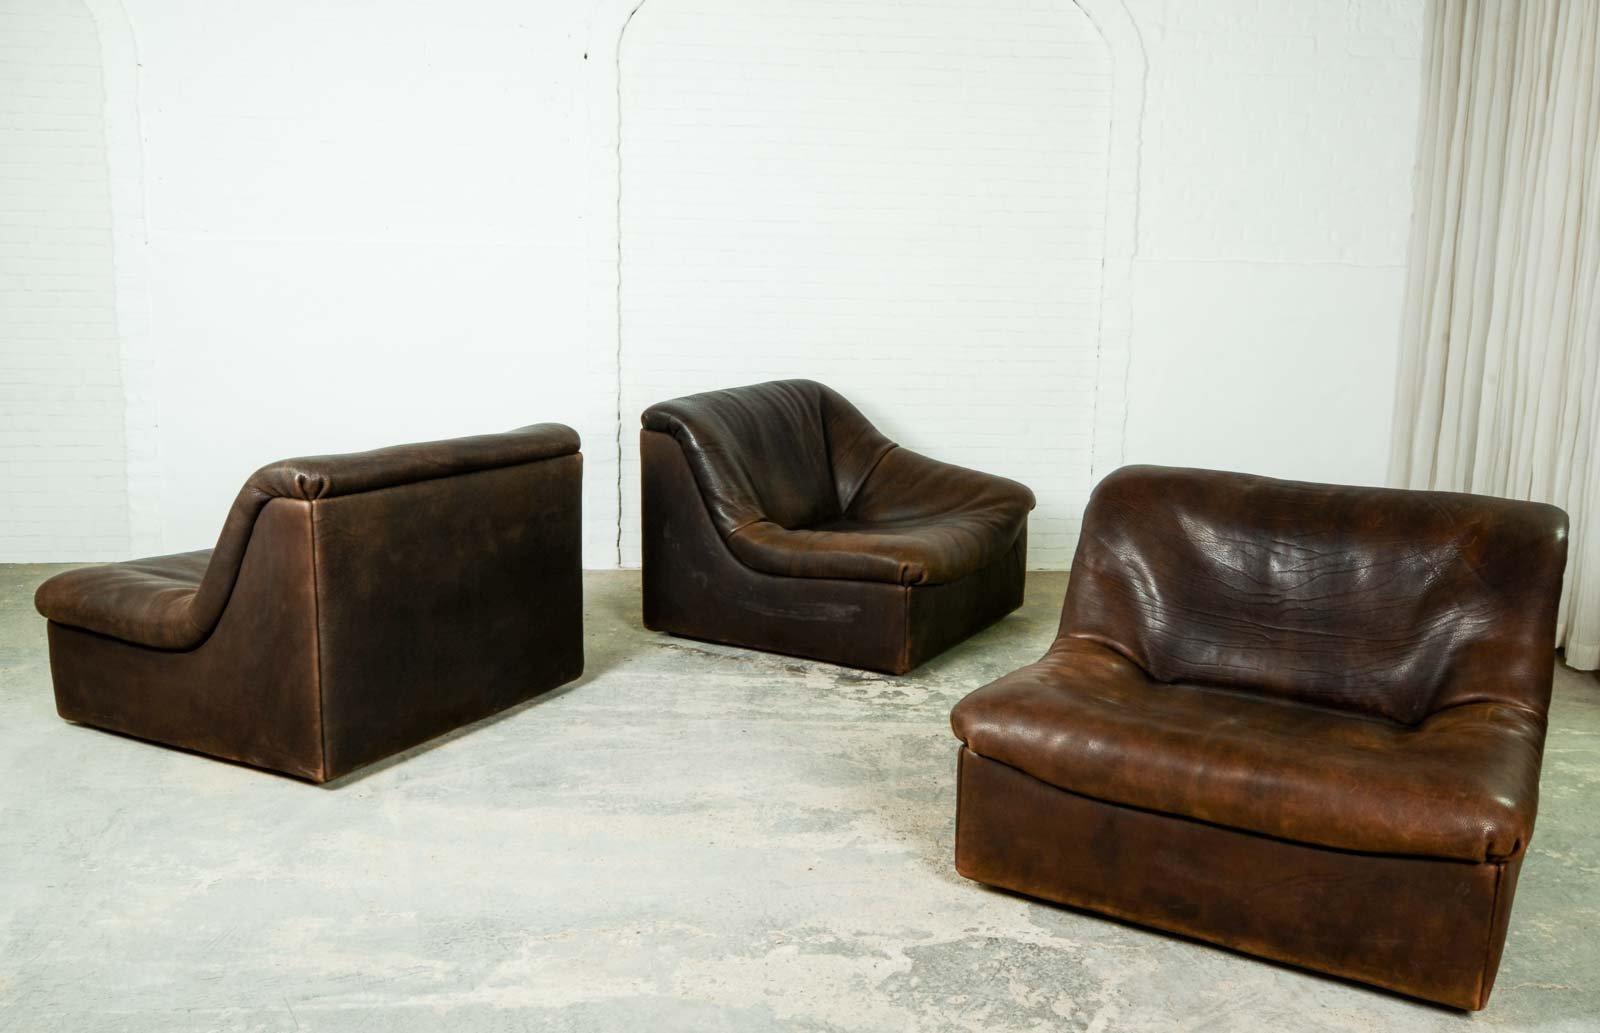 modulares ds46 b ffelleder sofa von de sede 1970er bei pamono kaufen. Black Bedroom Furniture Sets. Home Design Ideas